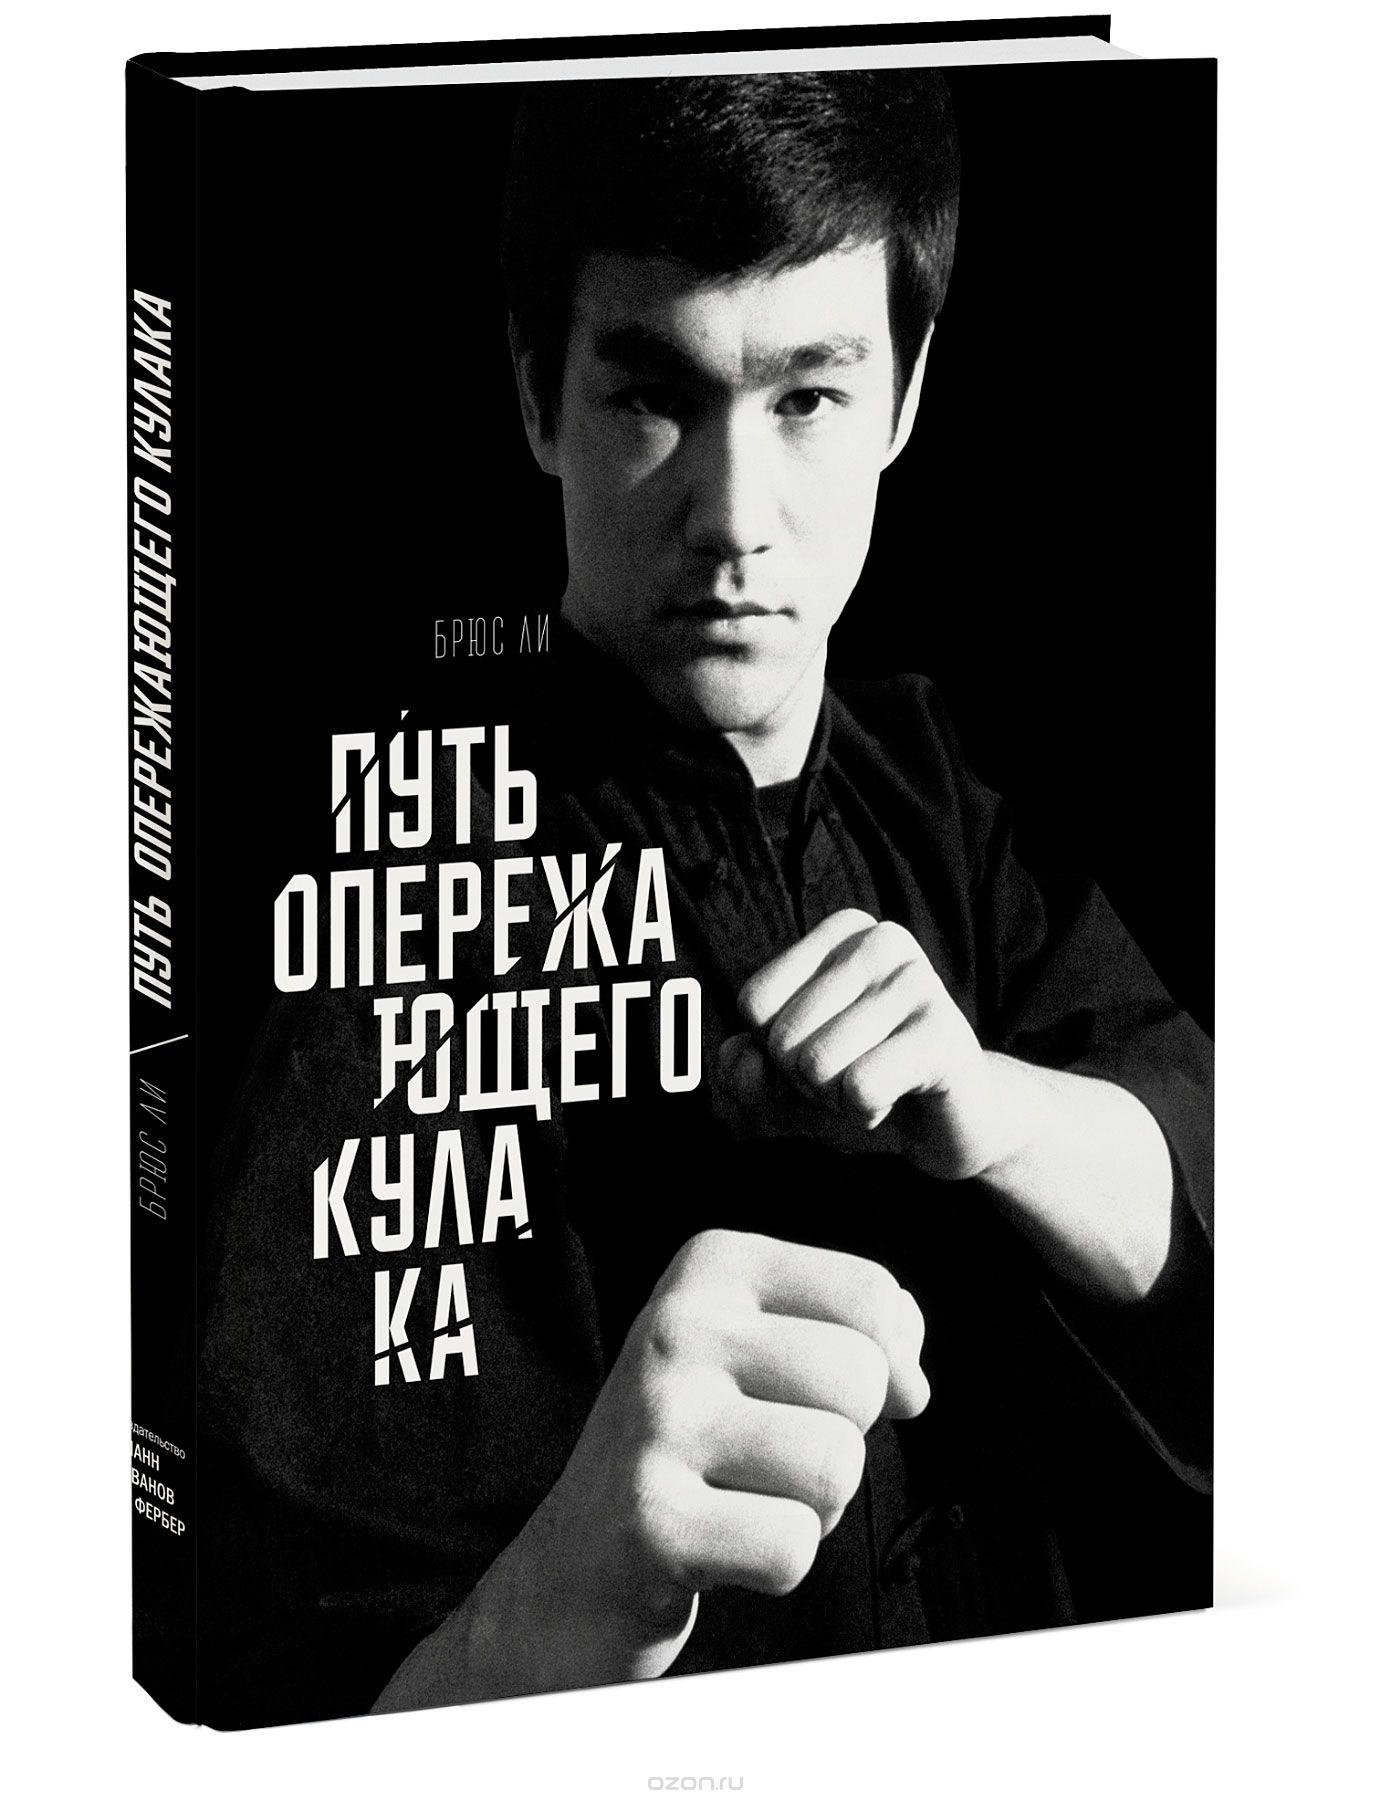 SJvDUWB9R58 - Скачать книгу Брюса Ли - Путь опережающего кулака